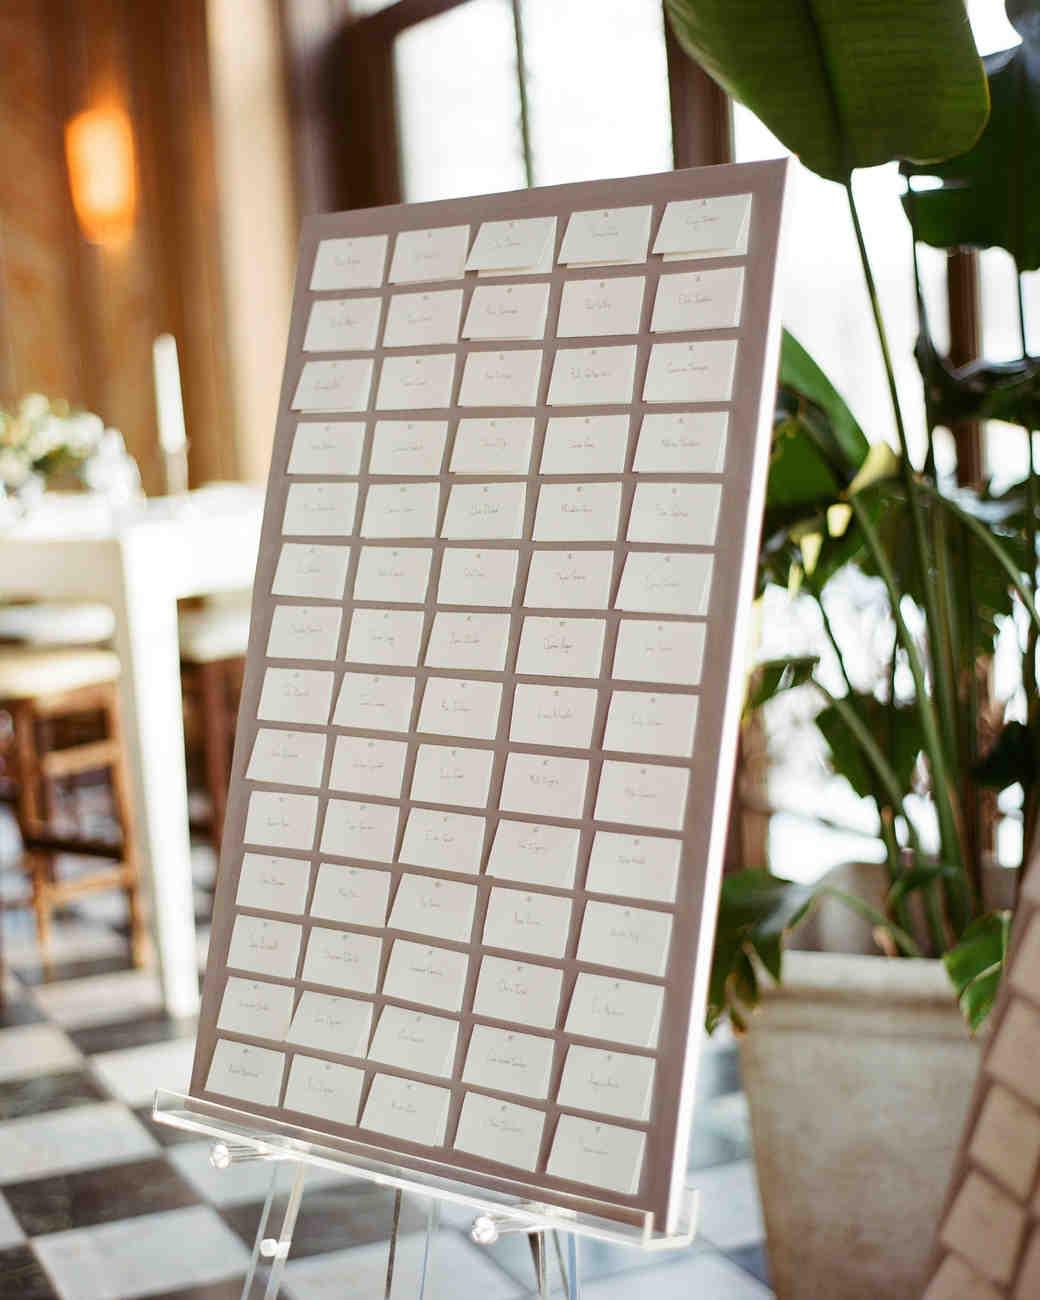 molly-sam-wedding-escortcards-0614.jpg